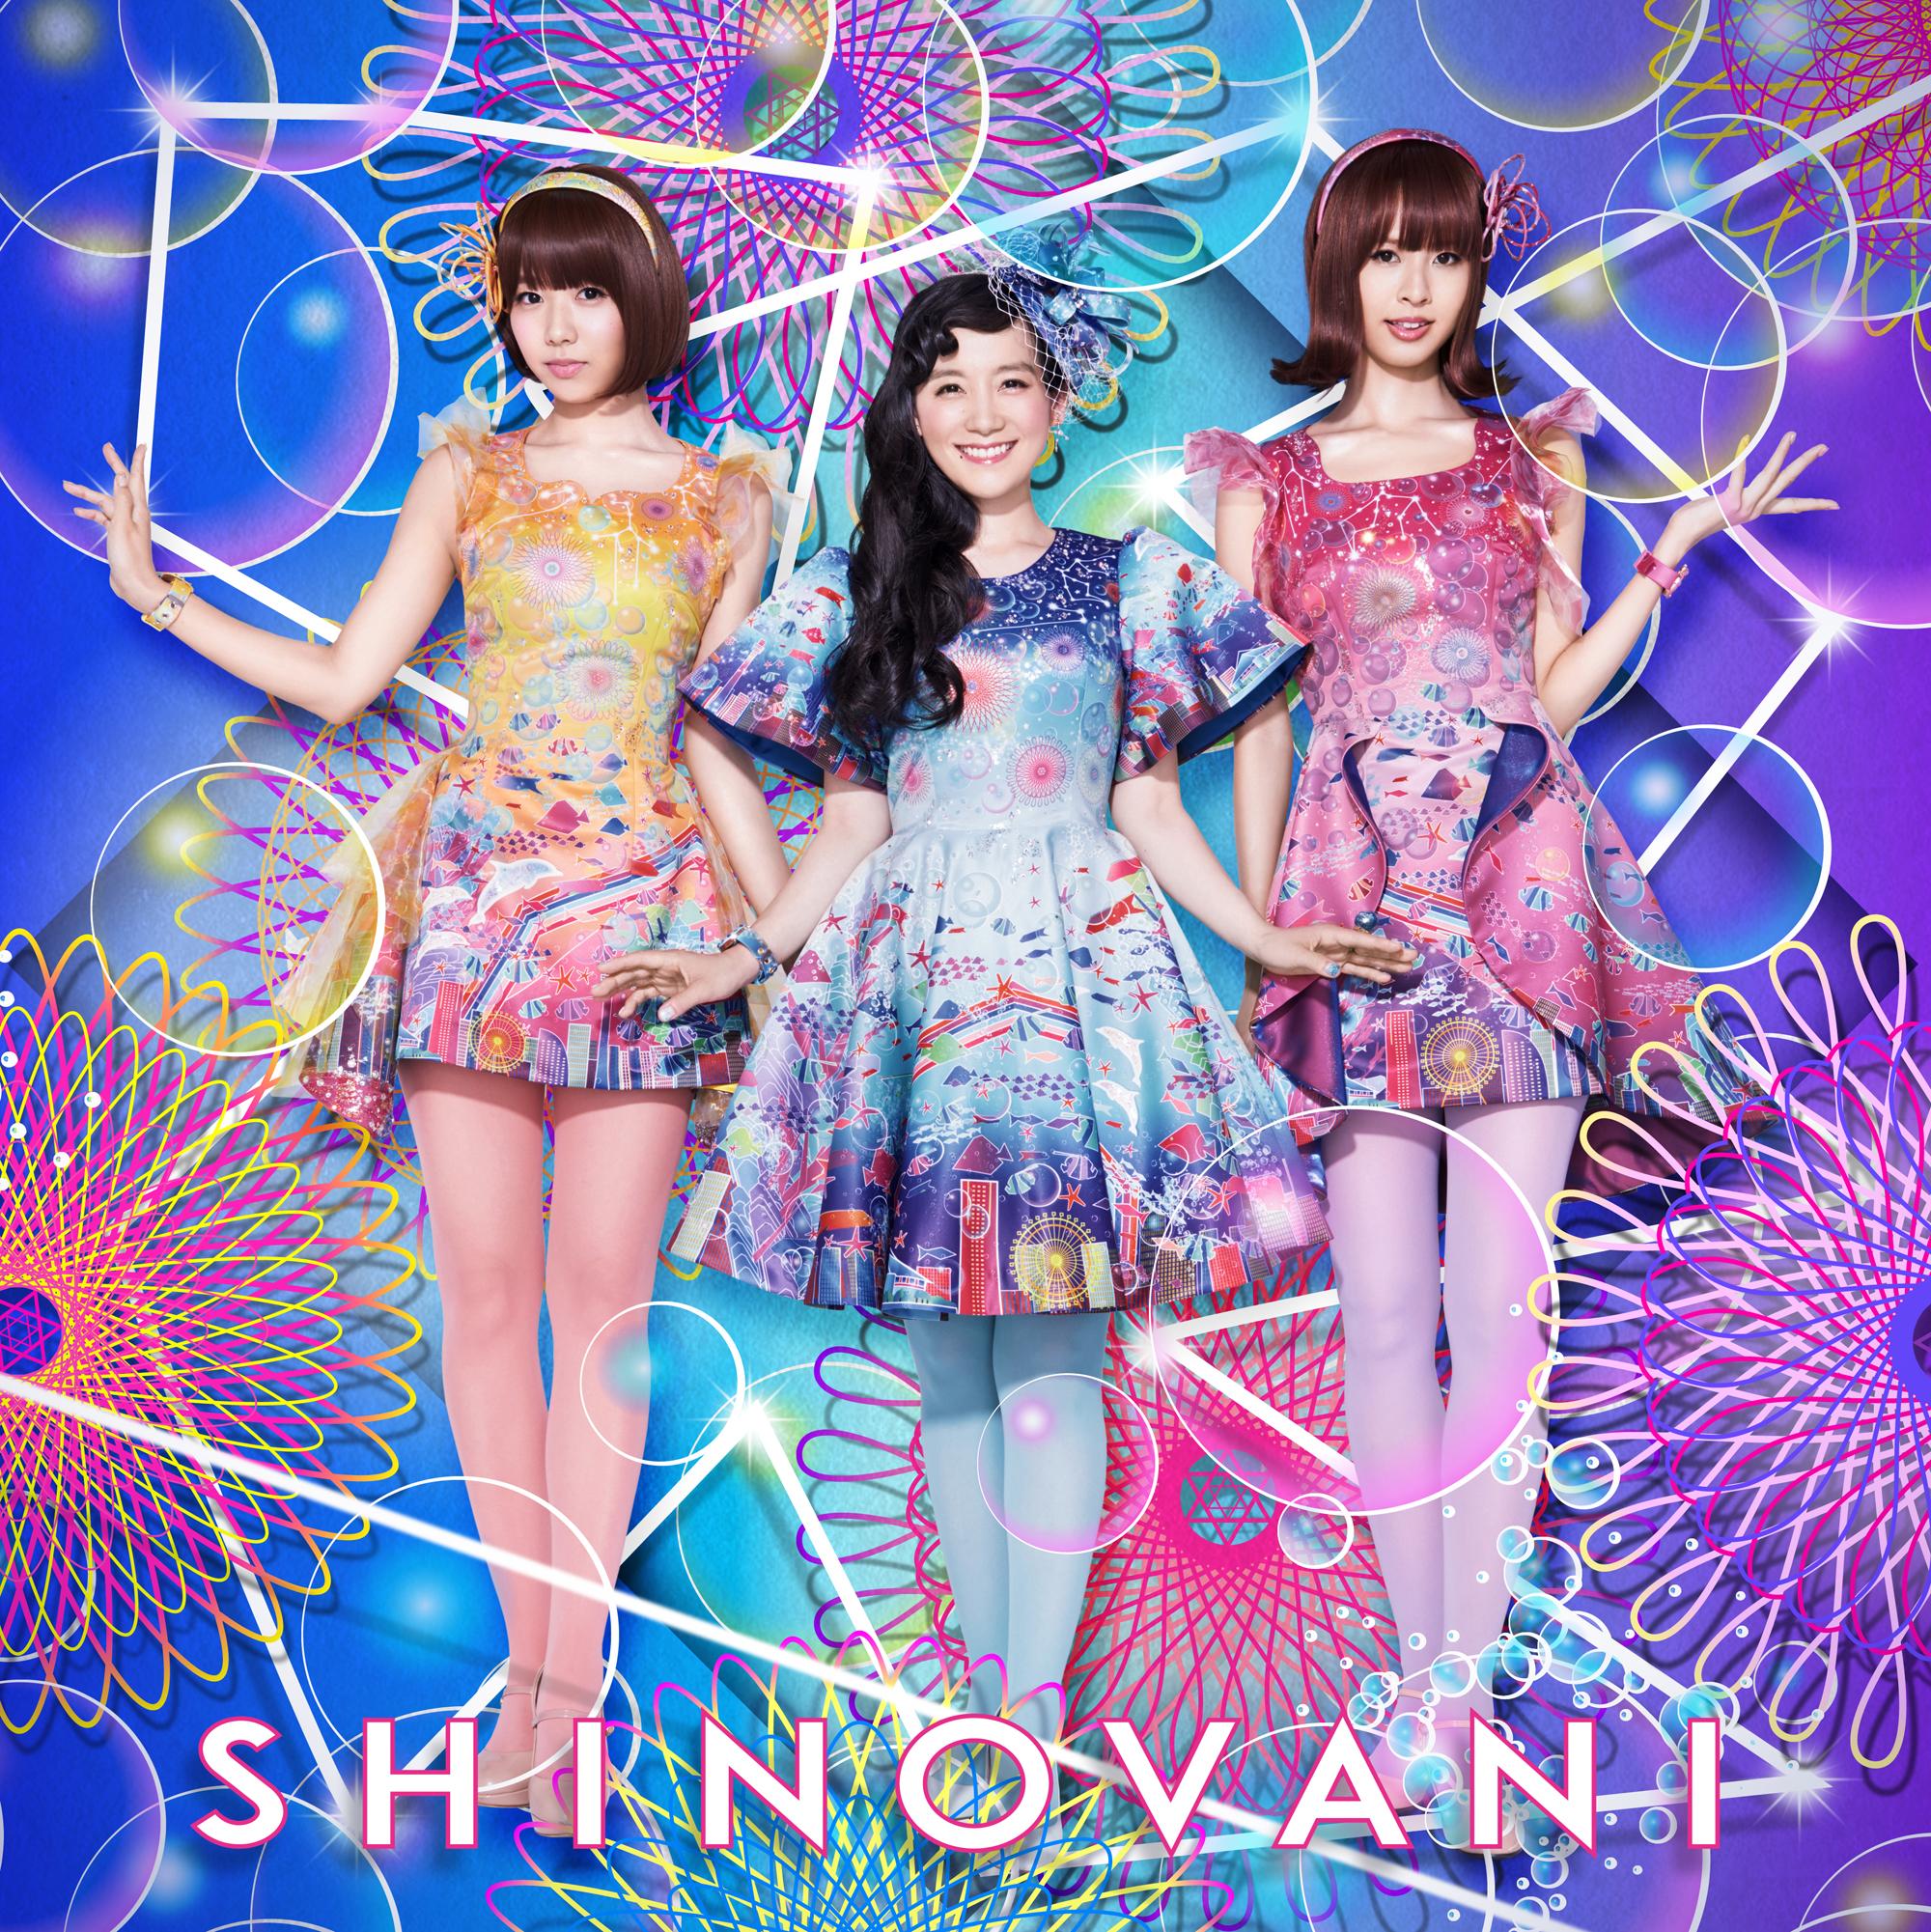 20161028.02.13 ShinoVani (Shinohara Tomoe x Vanilla Beans) - Onna no Ko Otoko no Ko cover.jpg